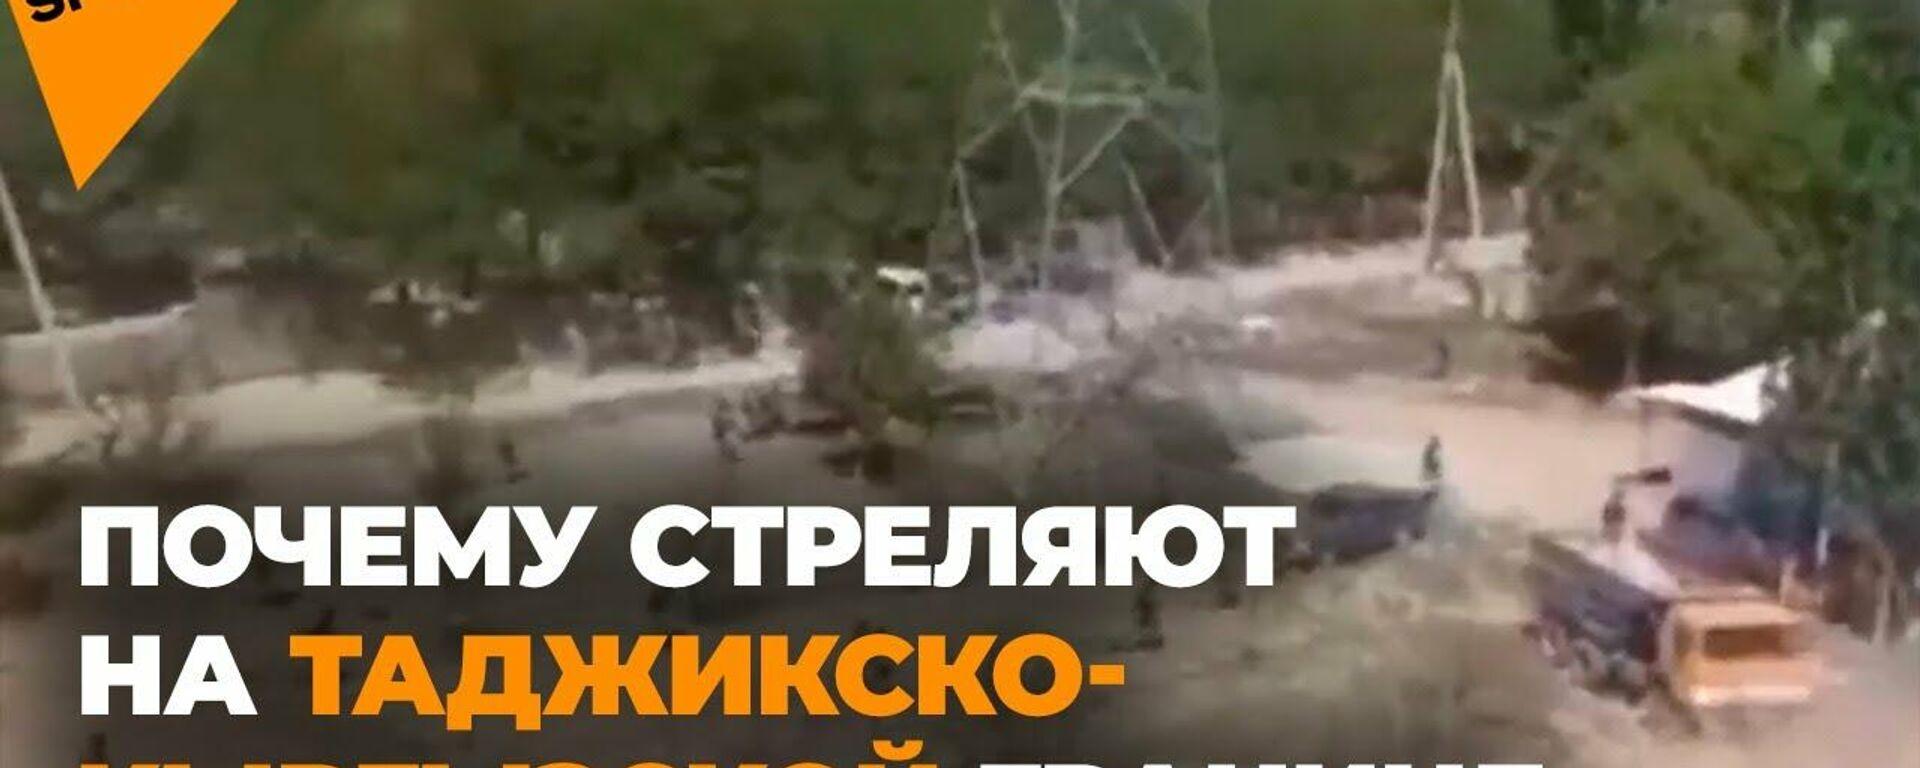 Перестрелка на границе Таджикистана и Кыргызстана: прекратят ли страны огонь? - Sputnik Таджикистан, 1920, 30.04.2021